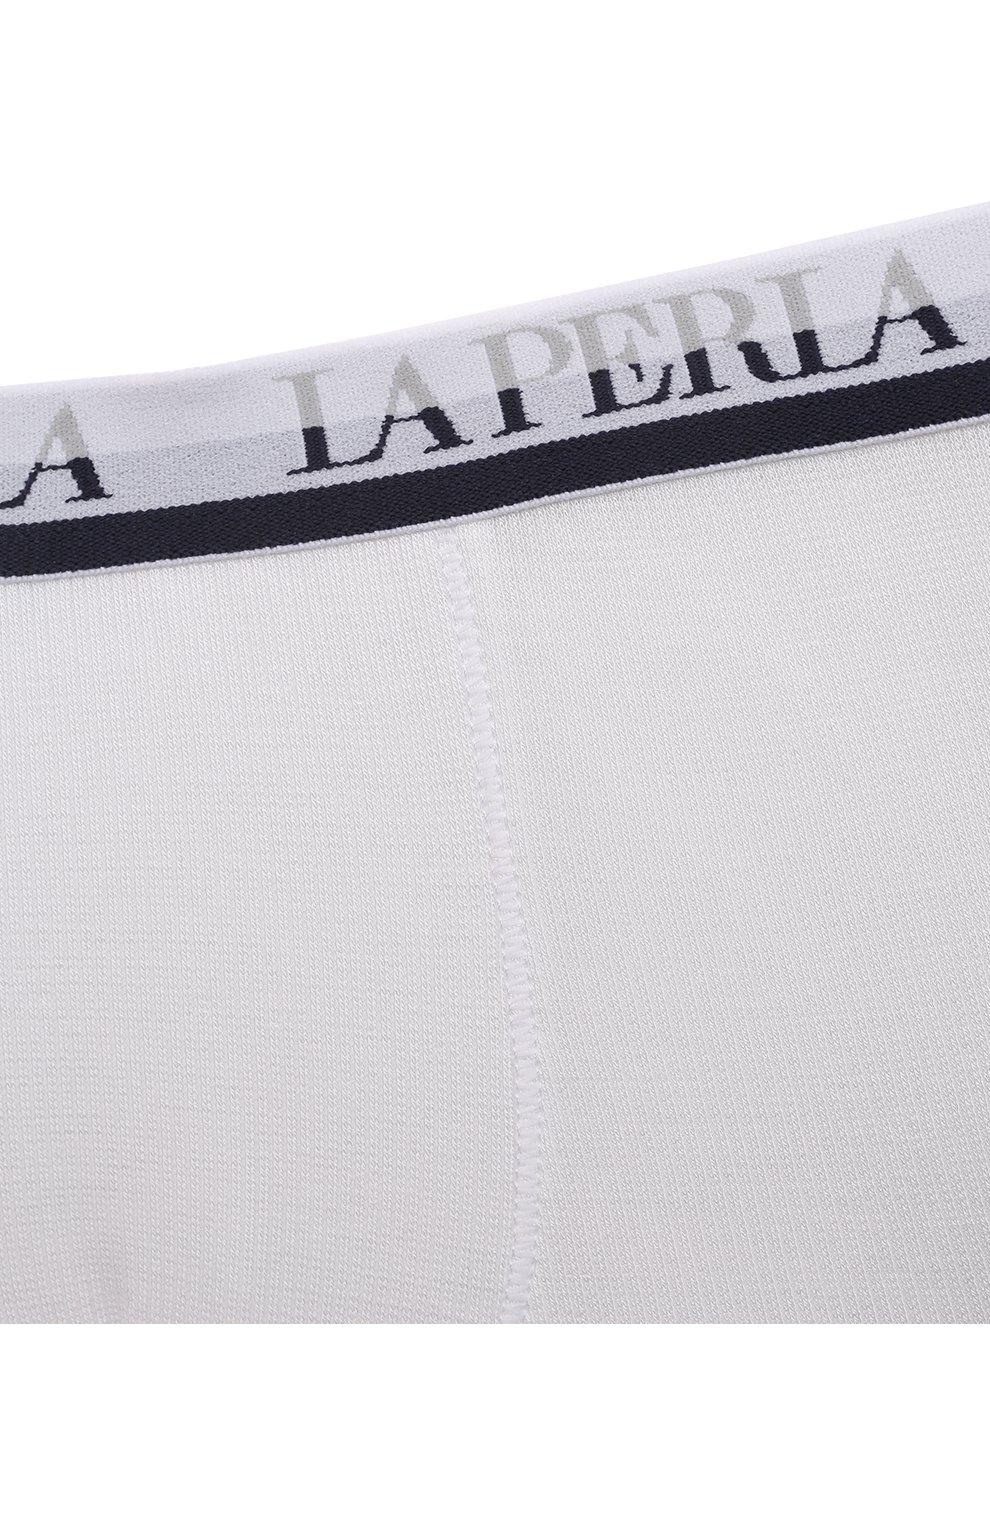 Детские боксеры из вискозы LA PERLA белого цвета, арт. 54388/2A-6A | Фото 3